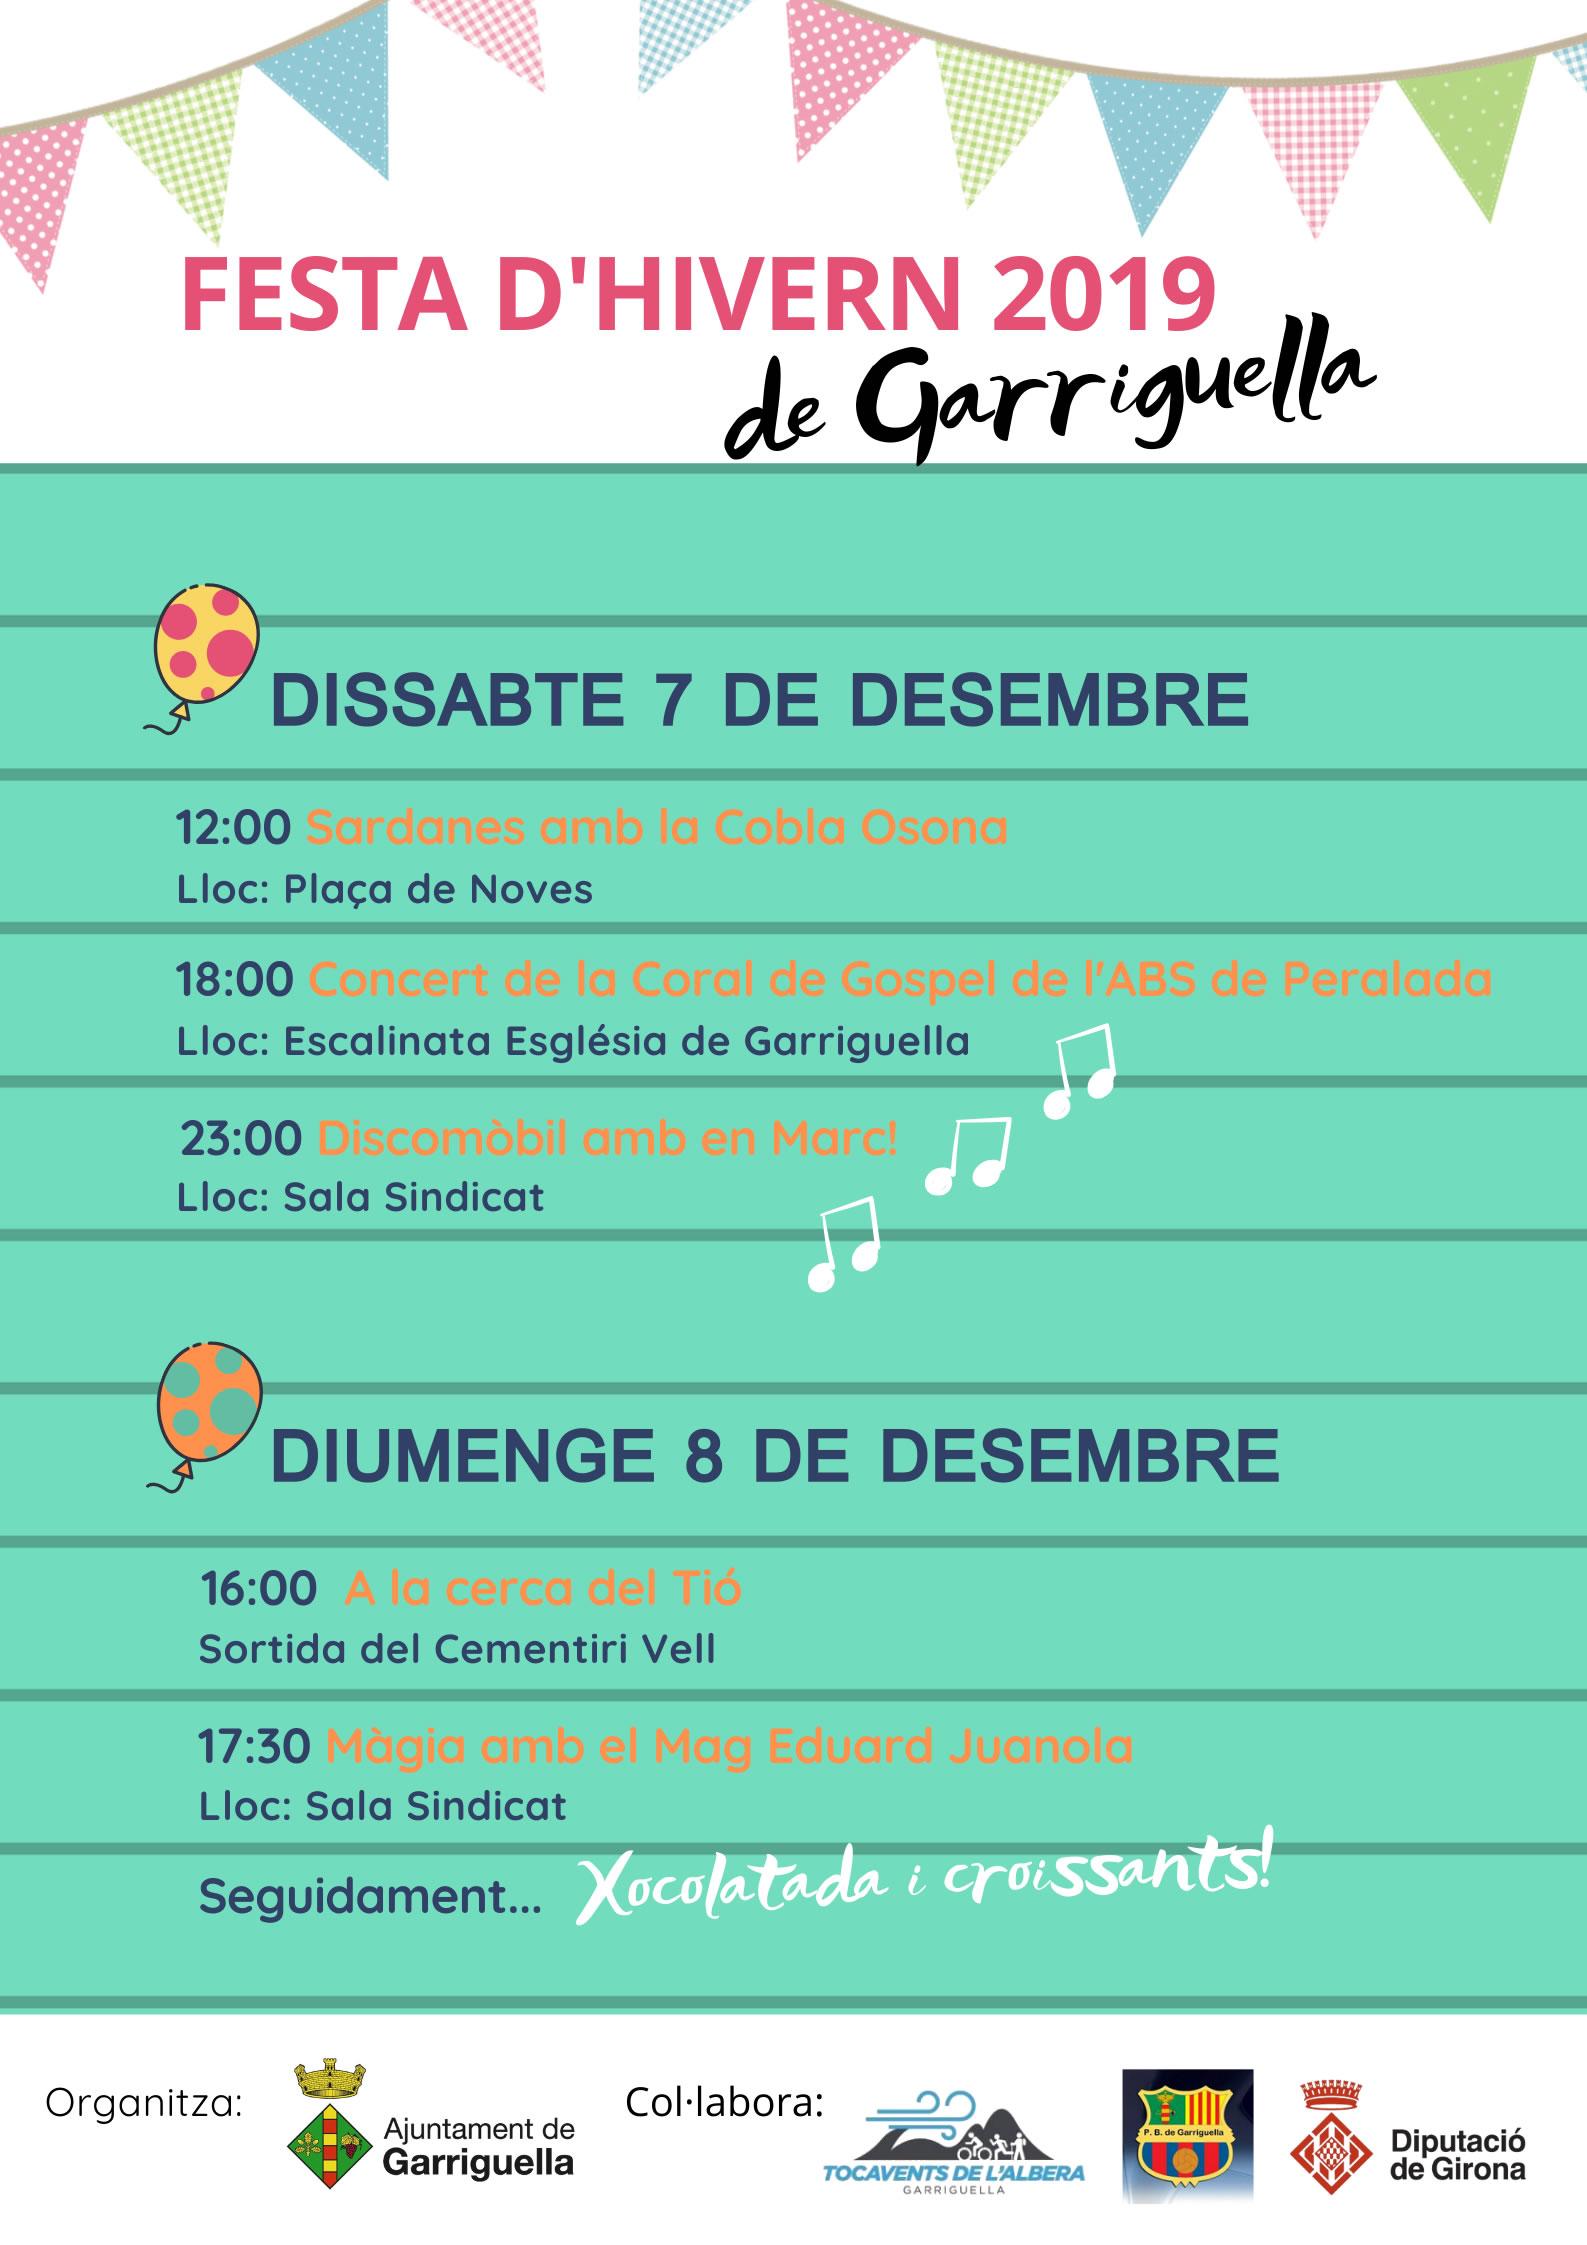 Festa d'hivern de Garriguella